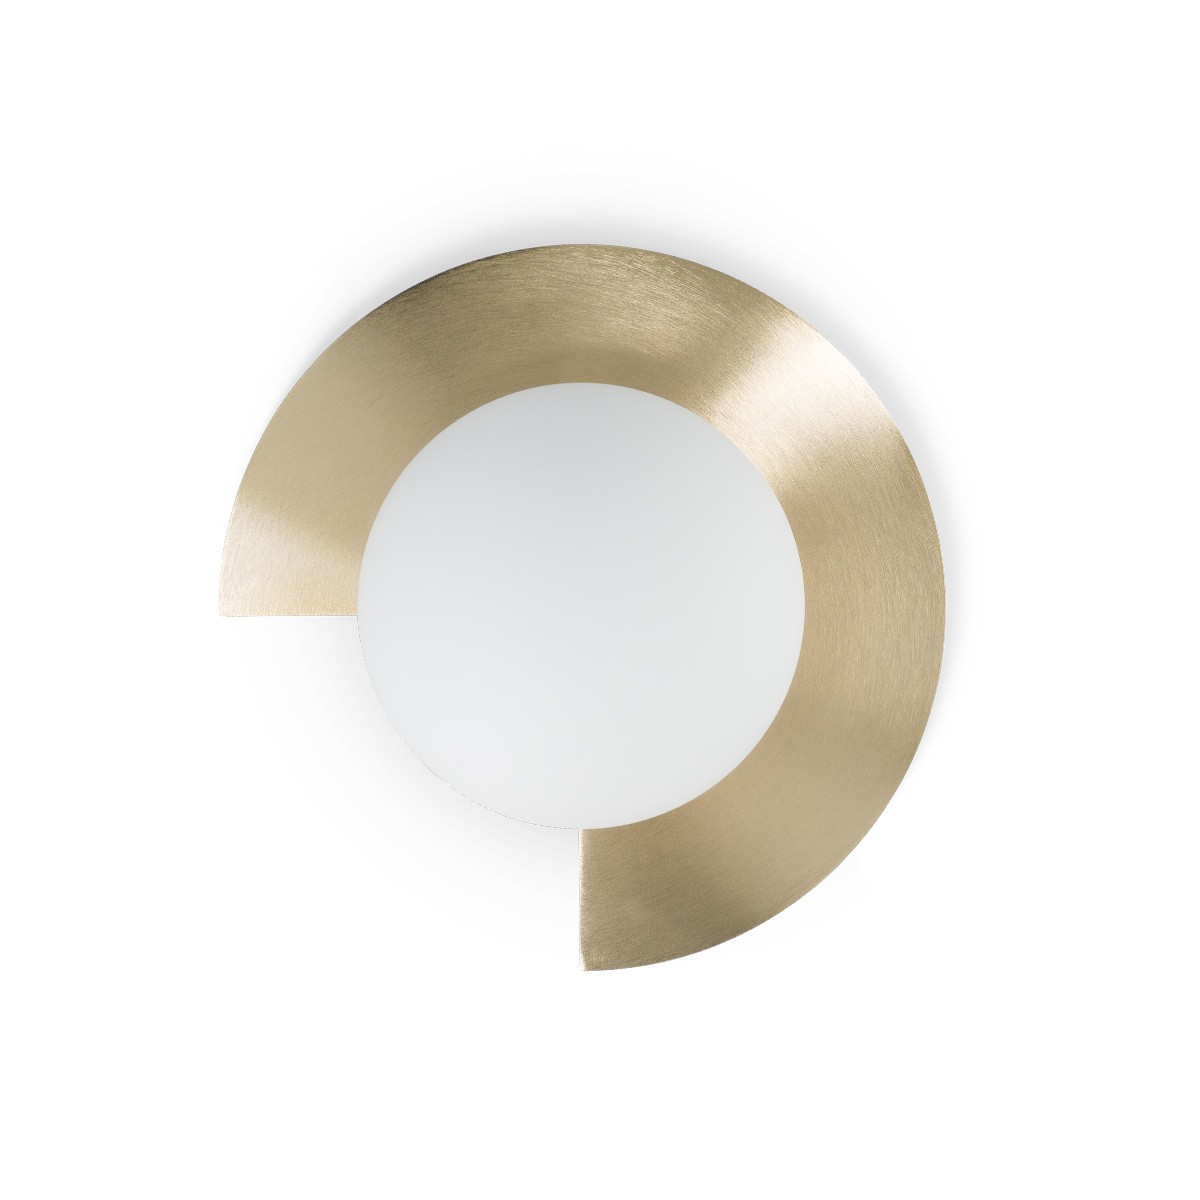 Small Mezza Luna Wall Lamp, Brushed Brass